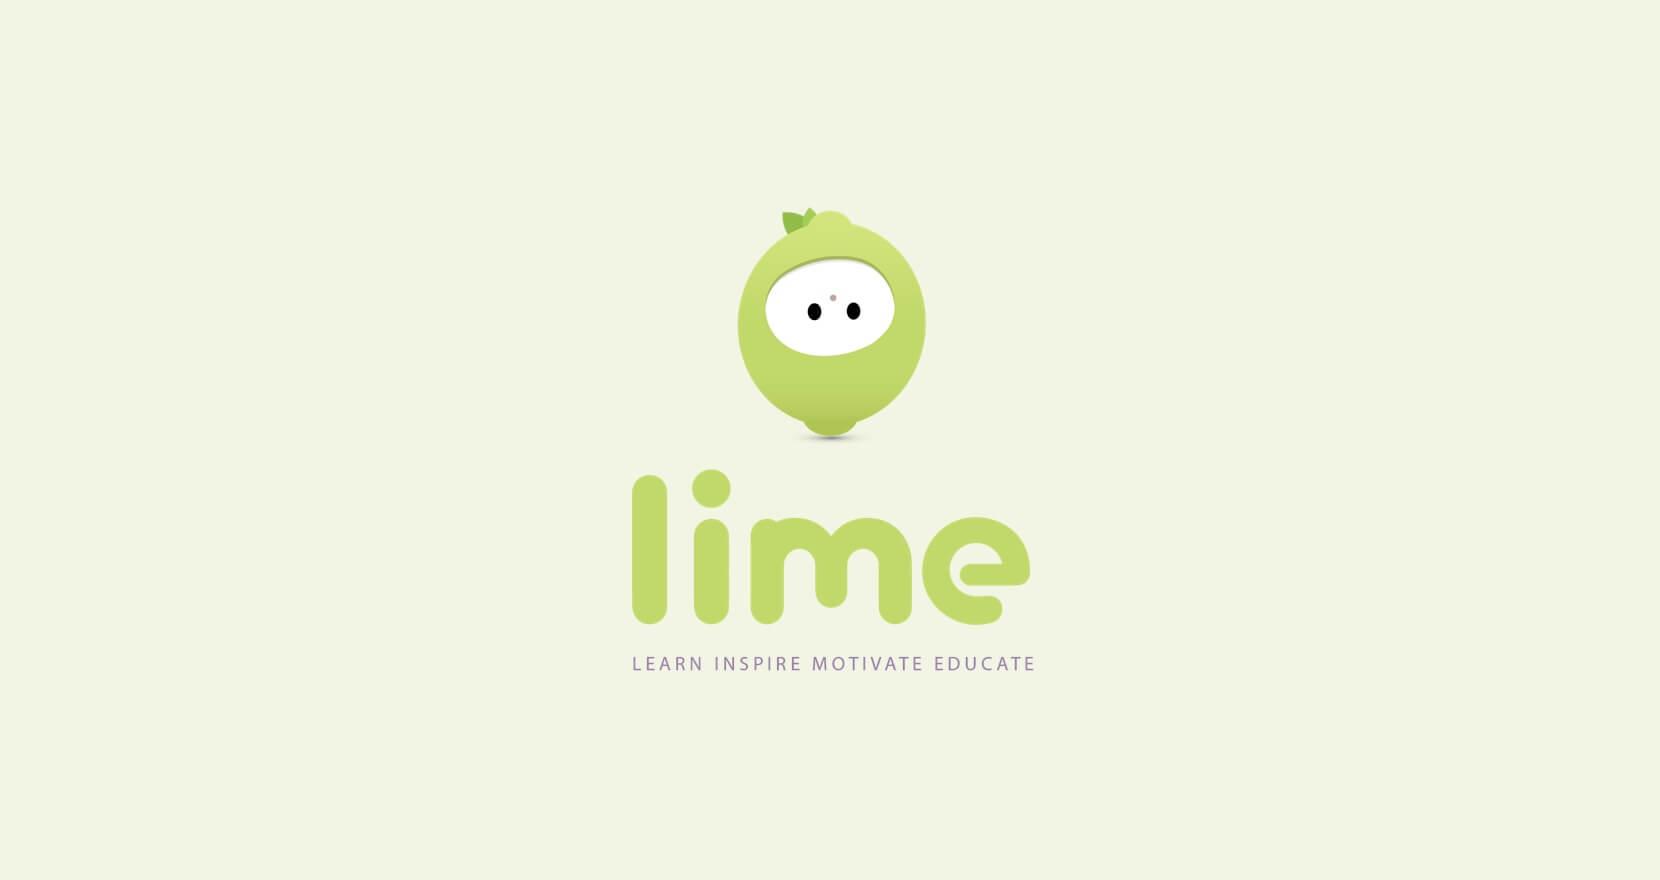 lime-4@2x